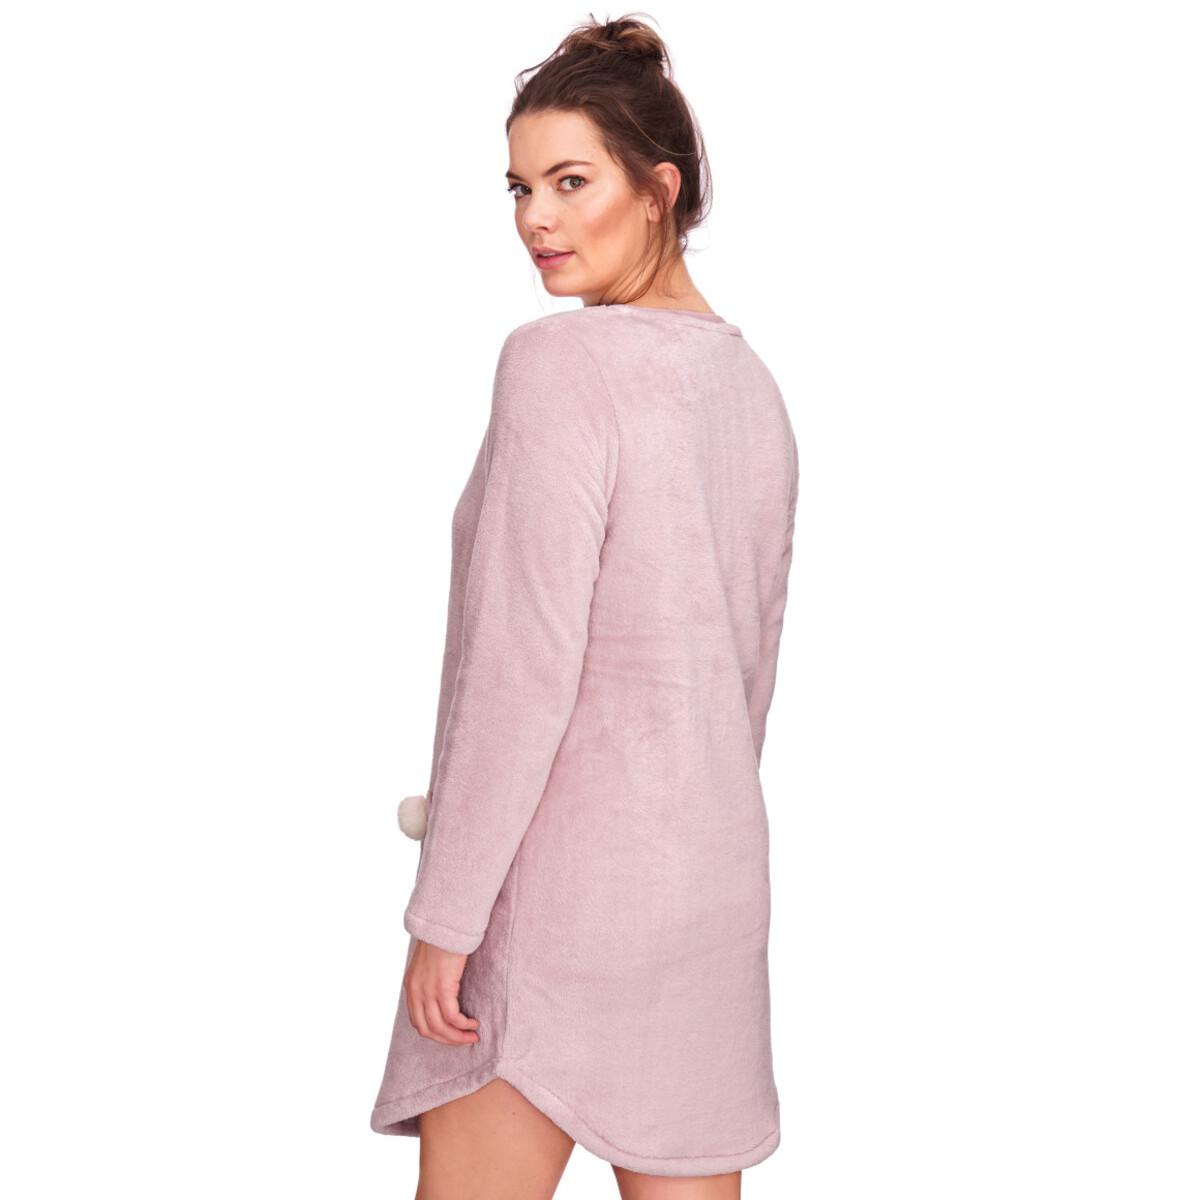 Bild 3 von Damen Fleece-Kleid mit zwei Taschen